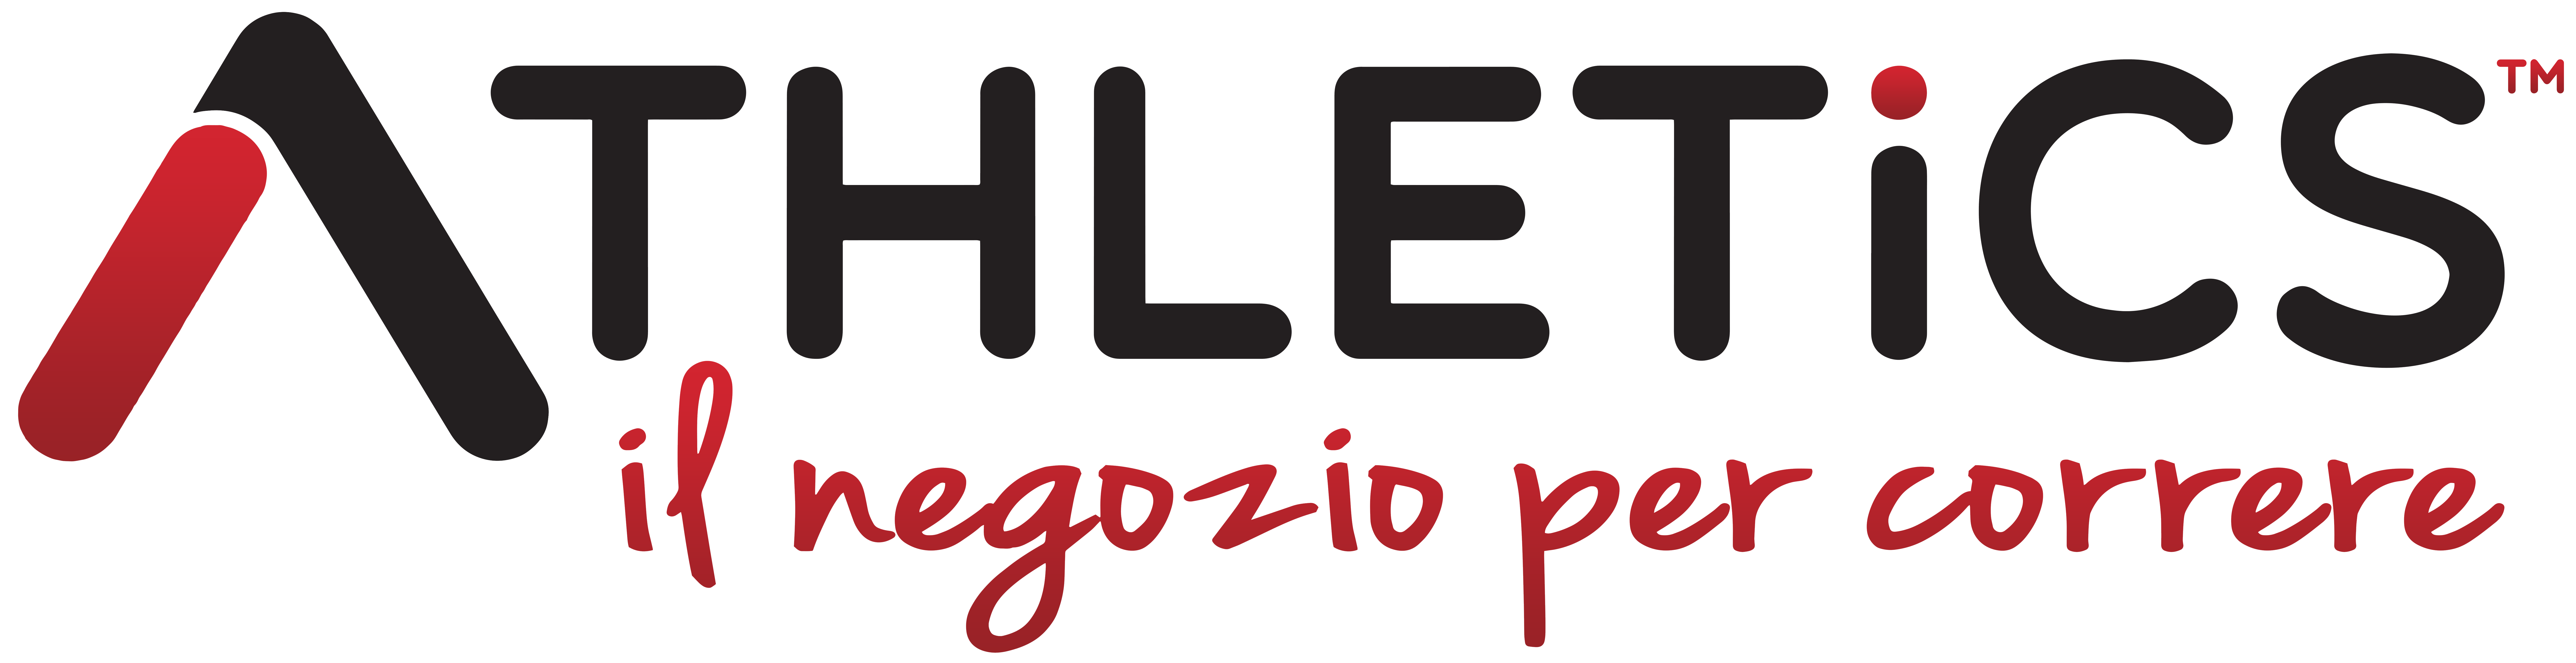 ATHLETiCS 👟, il negozio per correre: negozio running. Scarpe running, abbigliamento running e accessori | Negozio specializzato running Anzio Nettuno Latina Roma